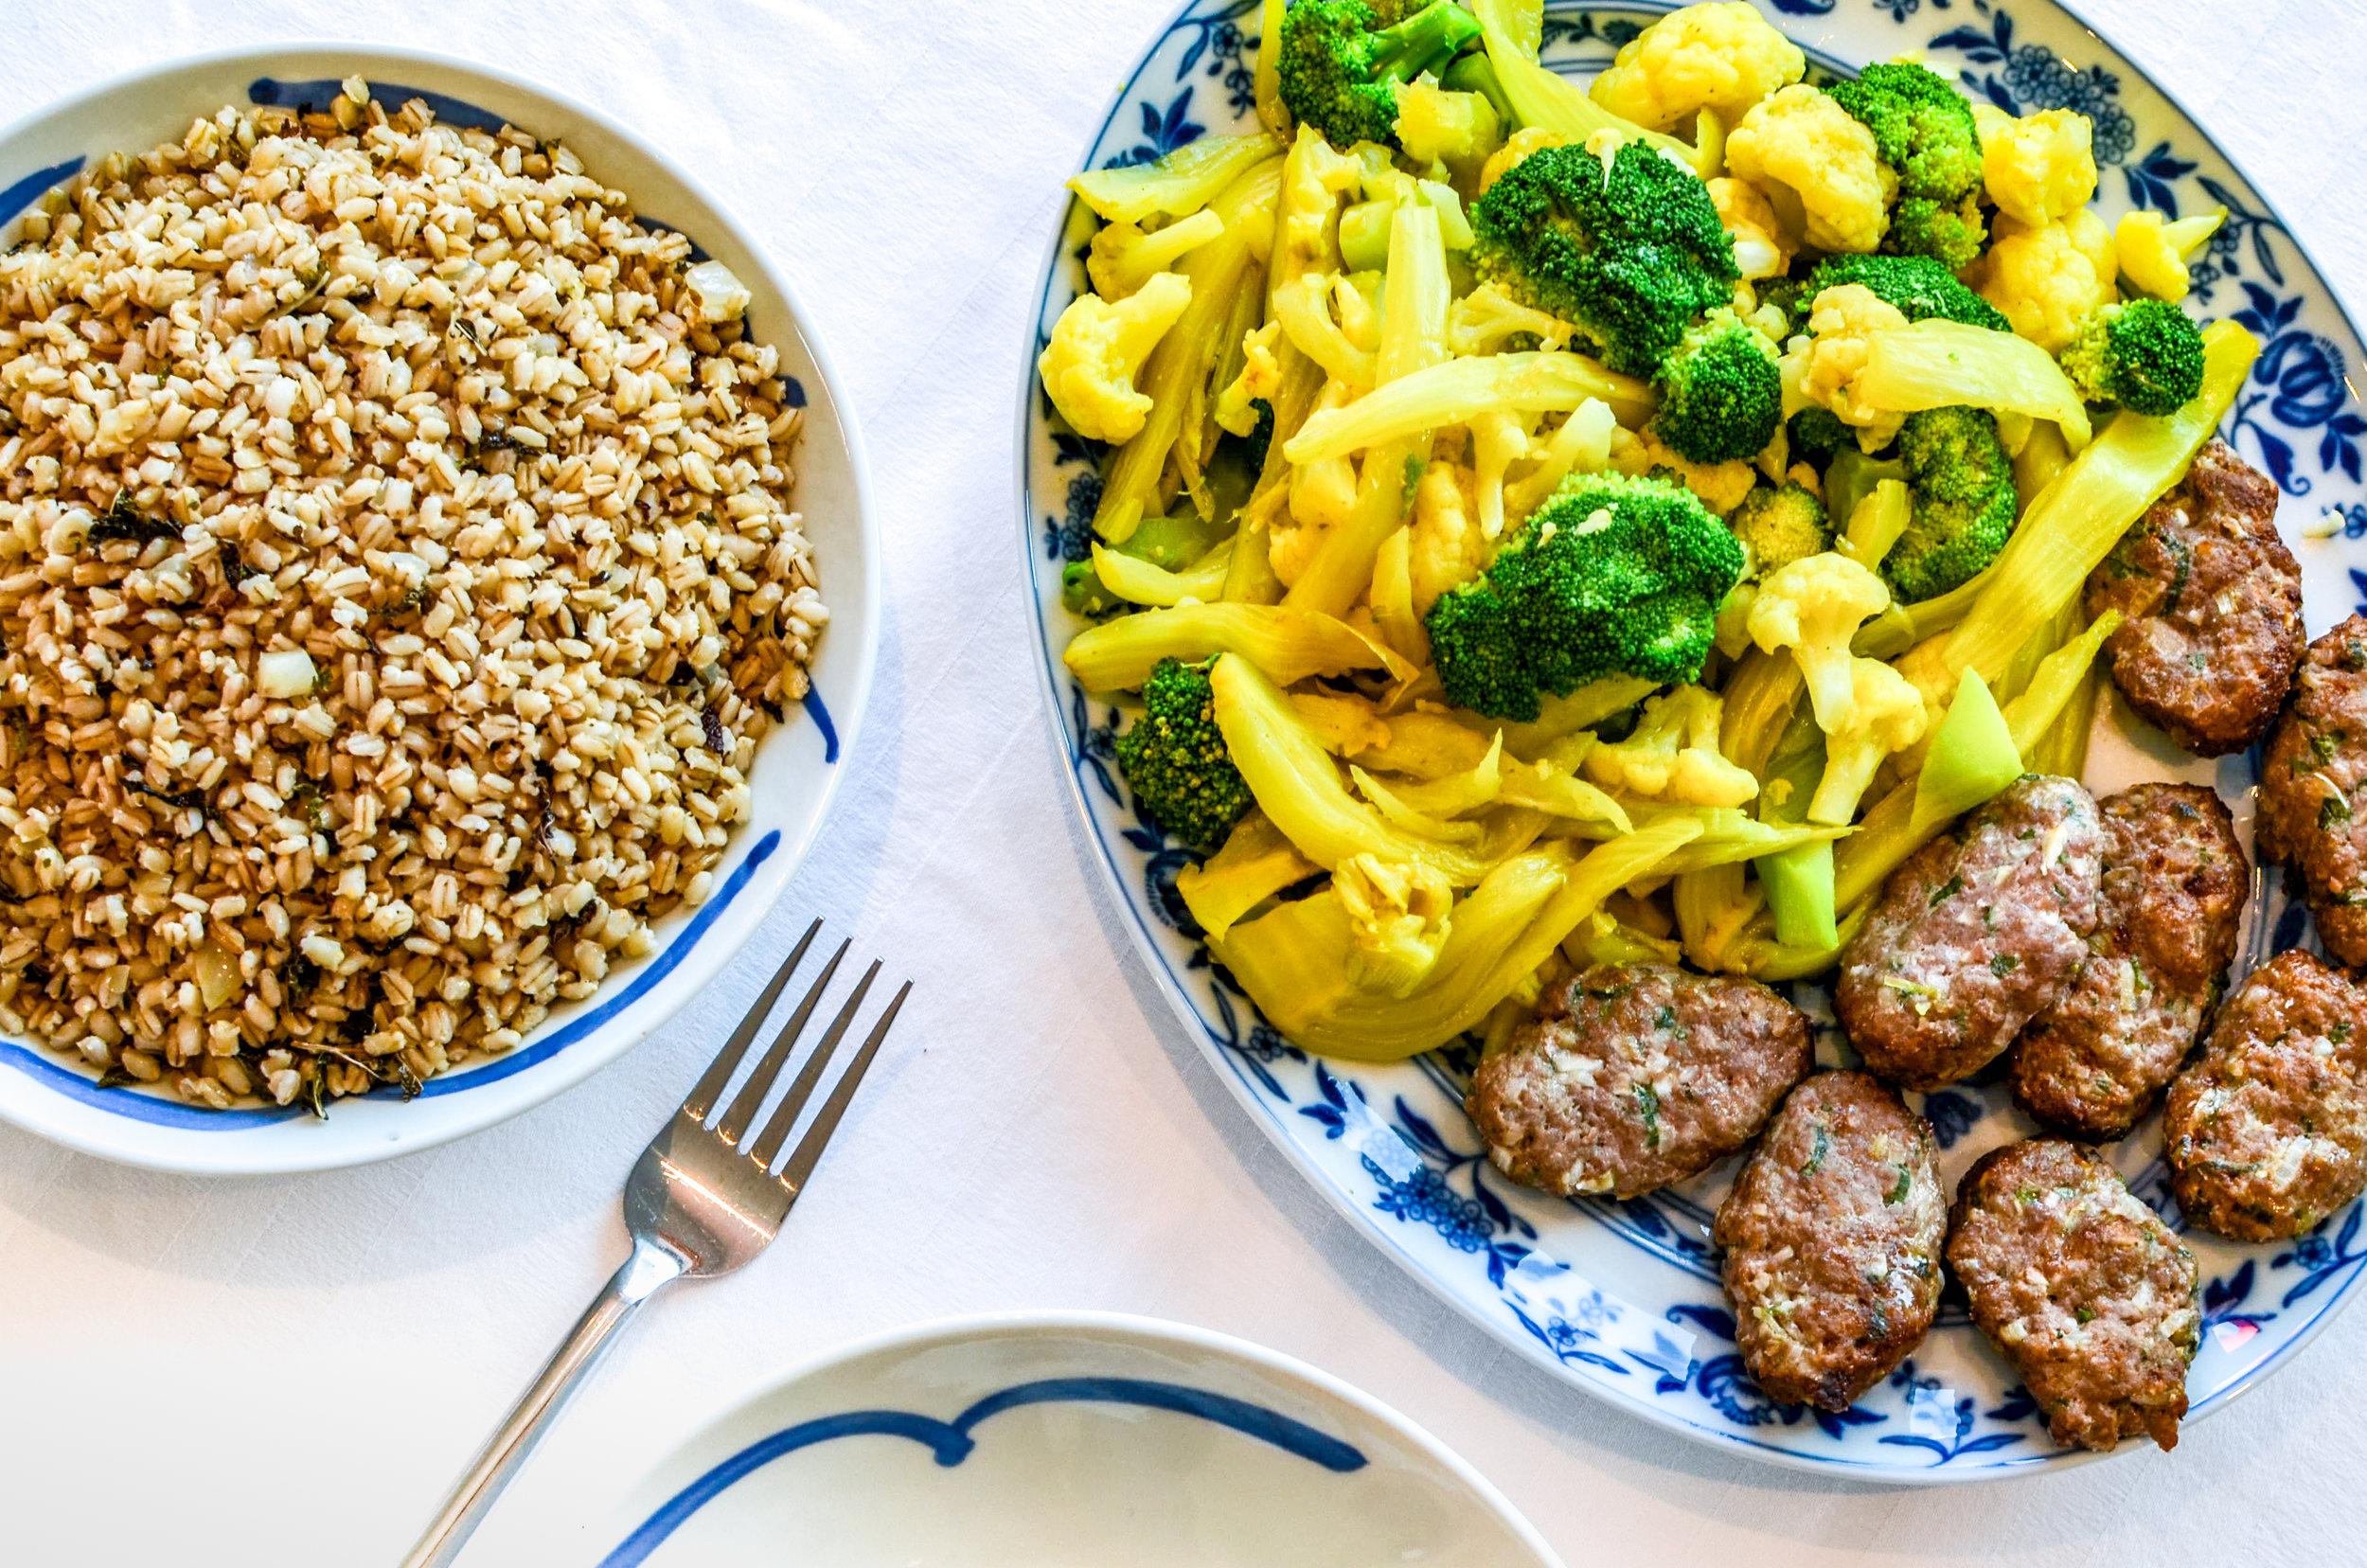 Meal 1 by Chef Eric: Kebab, légumes de saisons (Viande haché bœuf/porc, Orge, Choux Fleur, Brocolis, Fenouil, Graine de Cumin, Curcumin coriandre, Coriandre frais, Jeunes oignons)